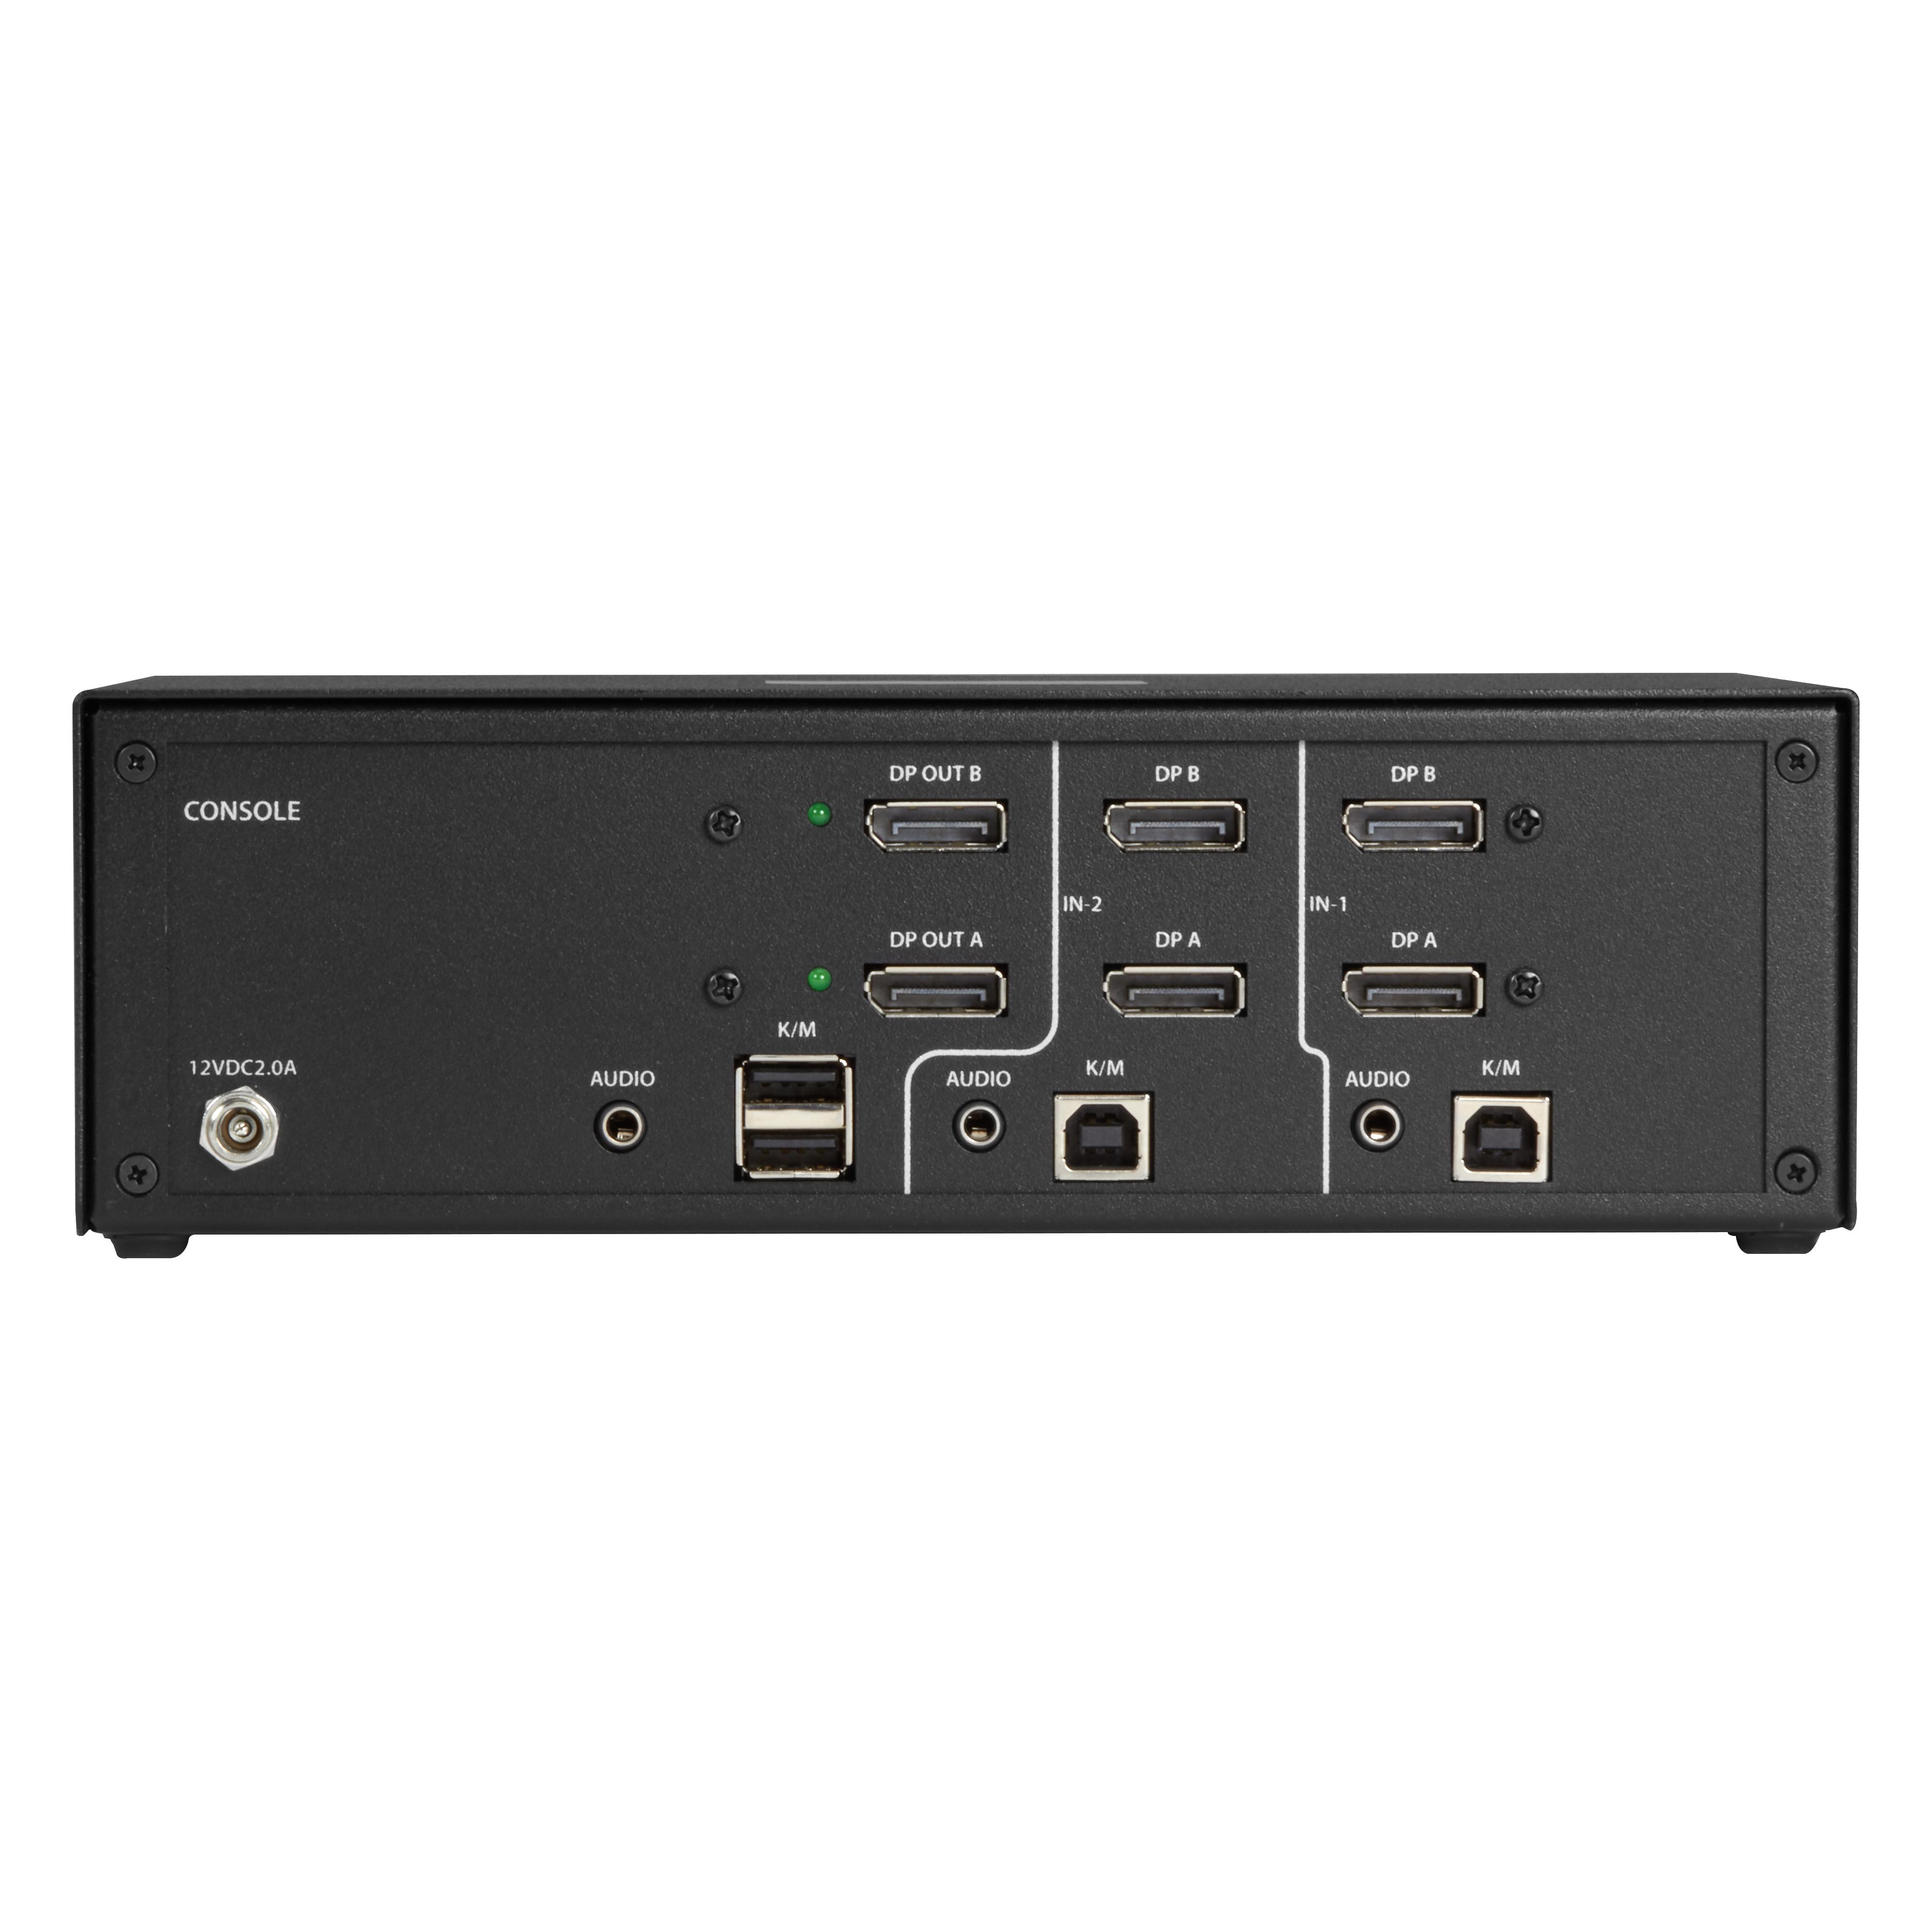 Secure NIAP 30 KVM Switch Dual Head DisplayPort 4K 2 Port